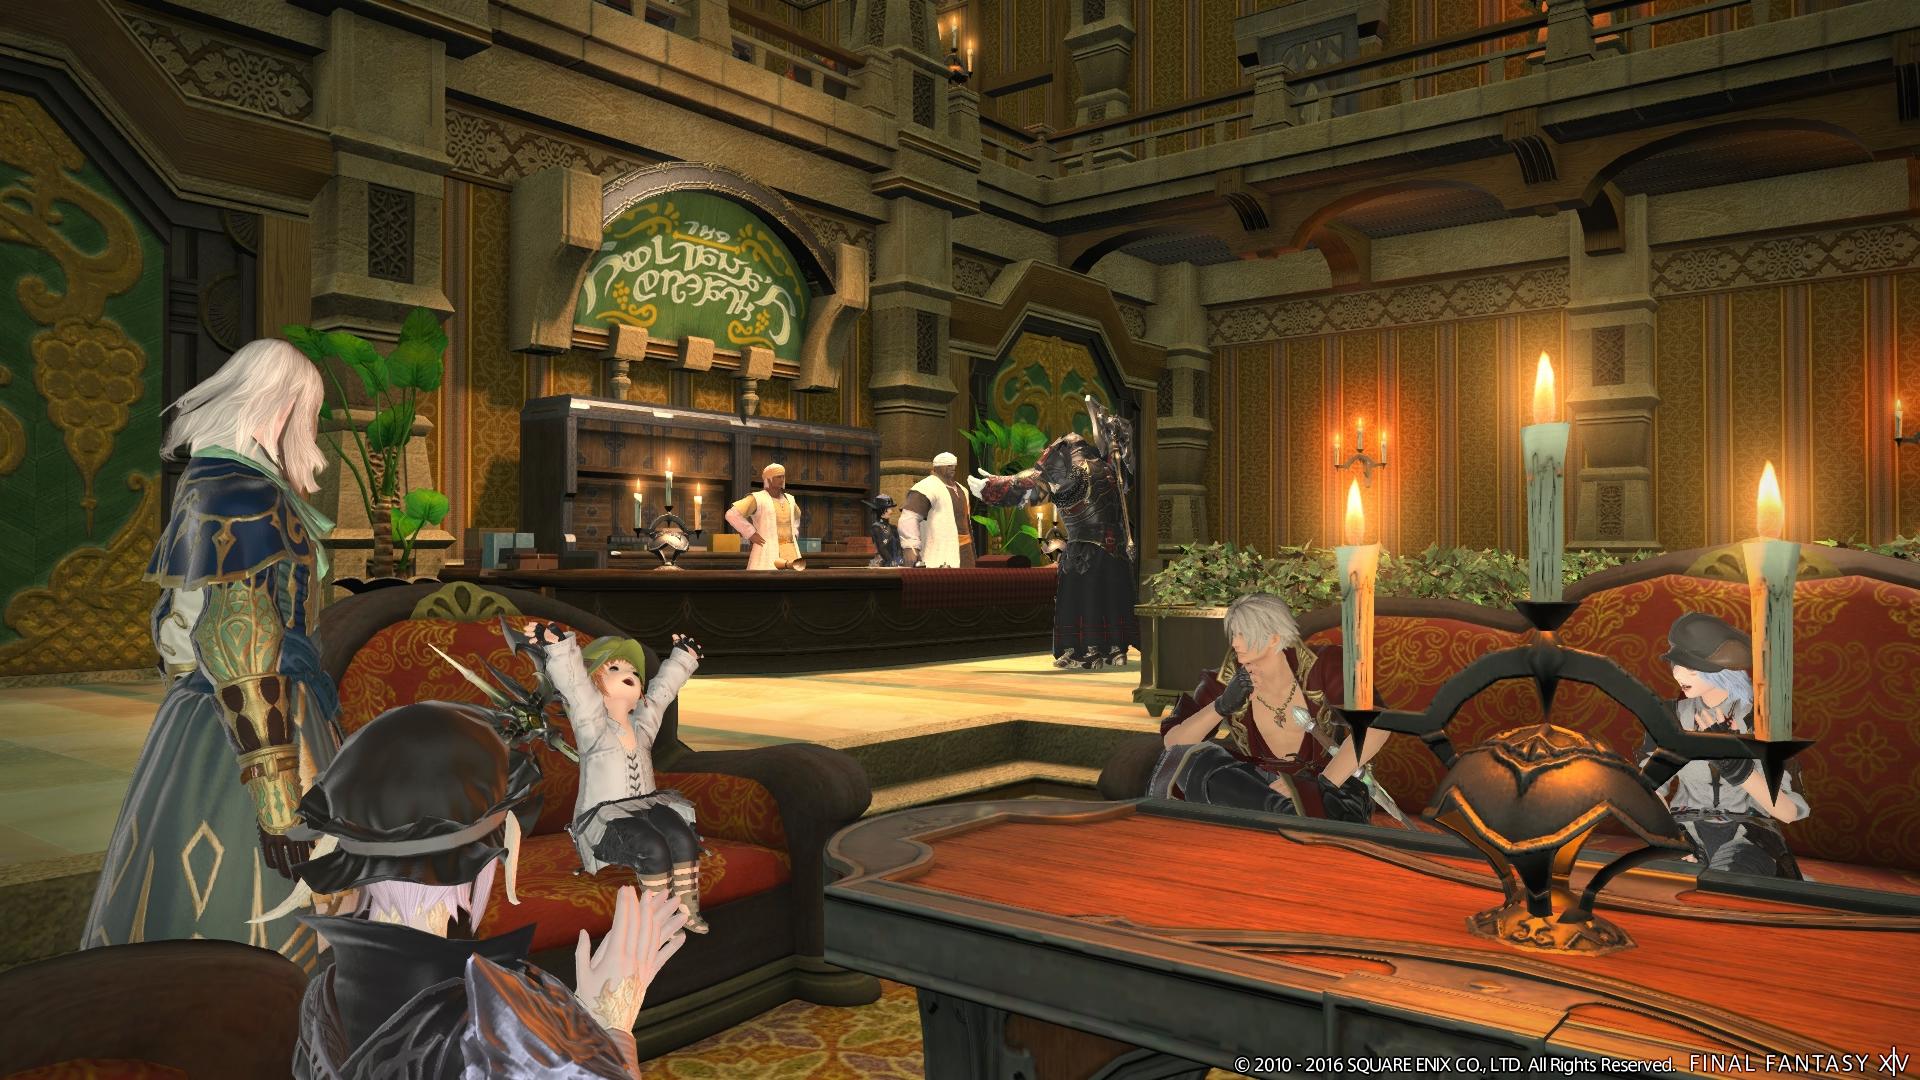 New FFXIV Soul Surrender Images Gamer Escape